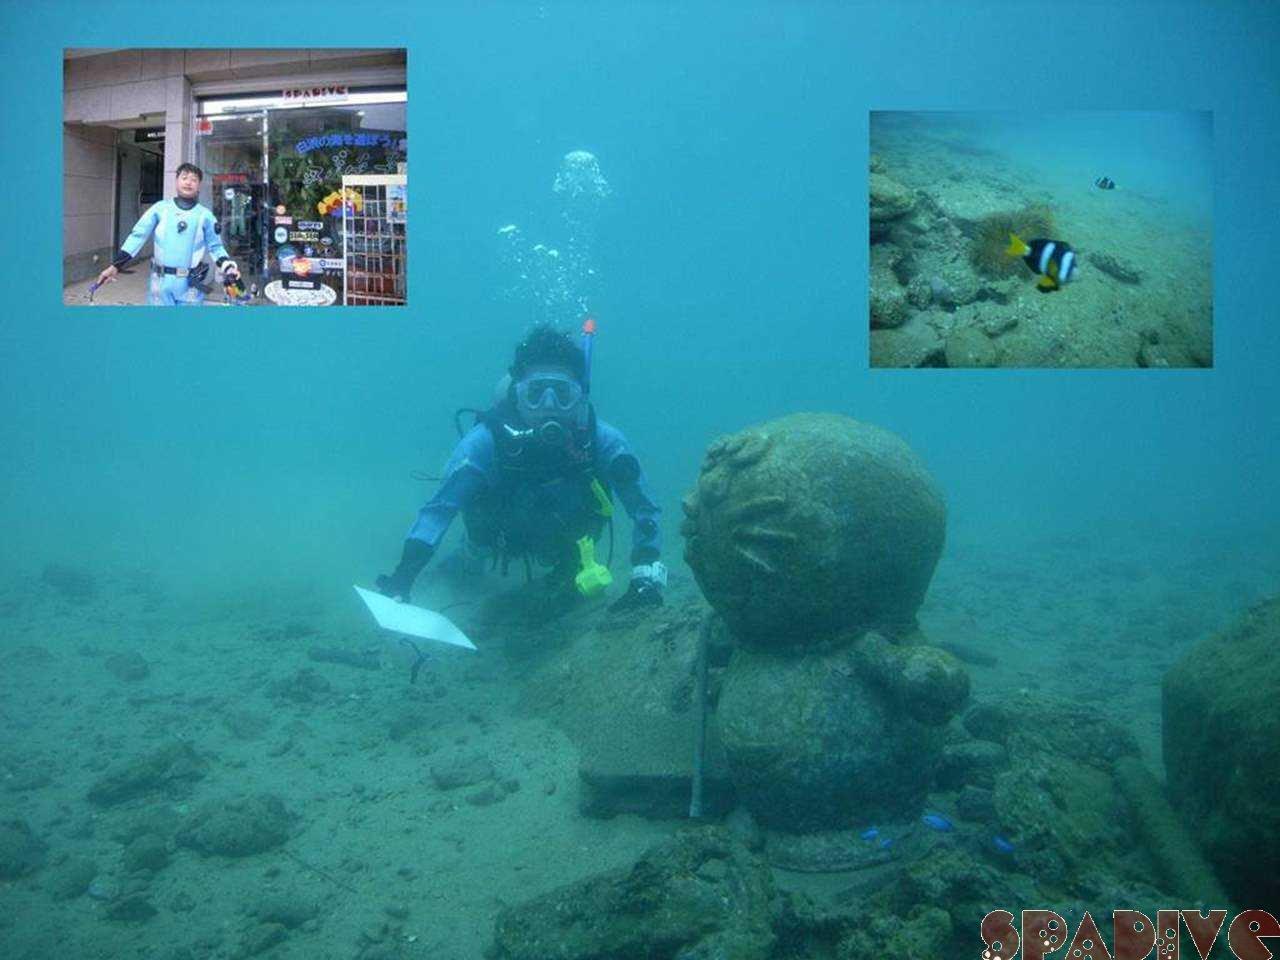 権現崎ビーチ水中ナビゲーションコース|11/23/2006白浜